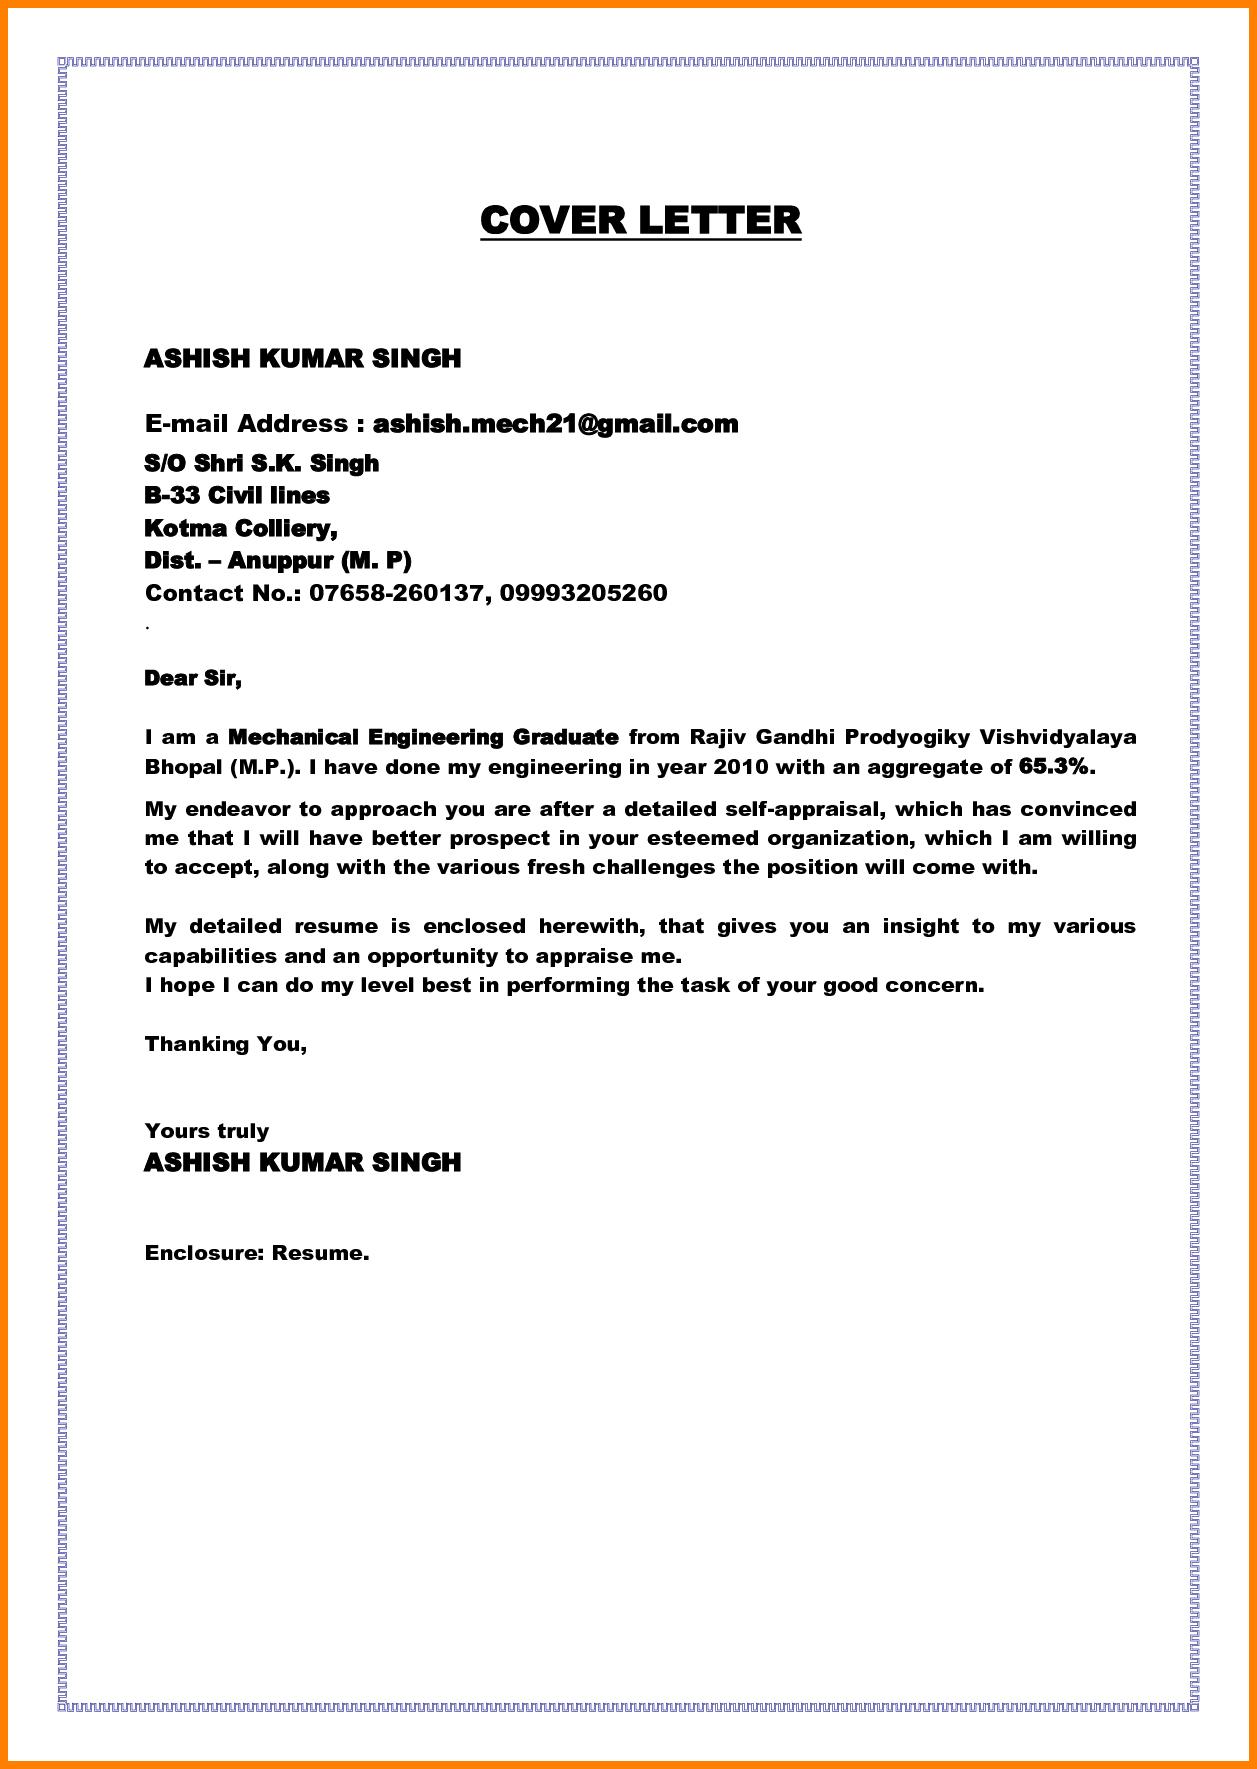 Cover Letter Fresh Graduate Examples Sample University The Best Cover Letter Example Cover Letter For Resume Cover Letter